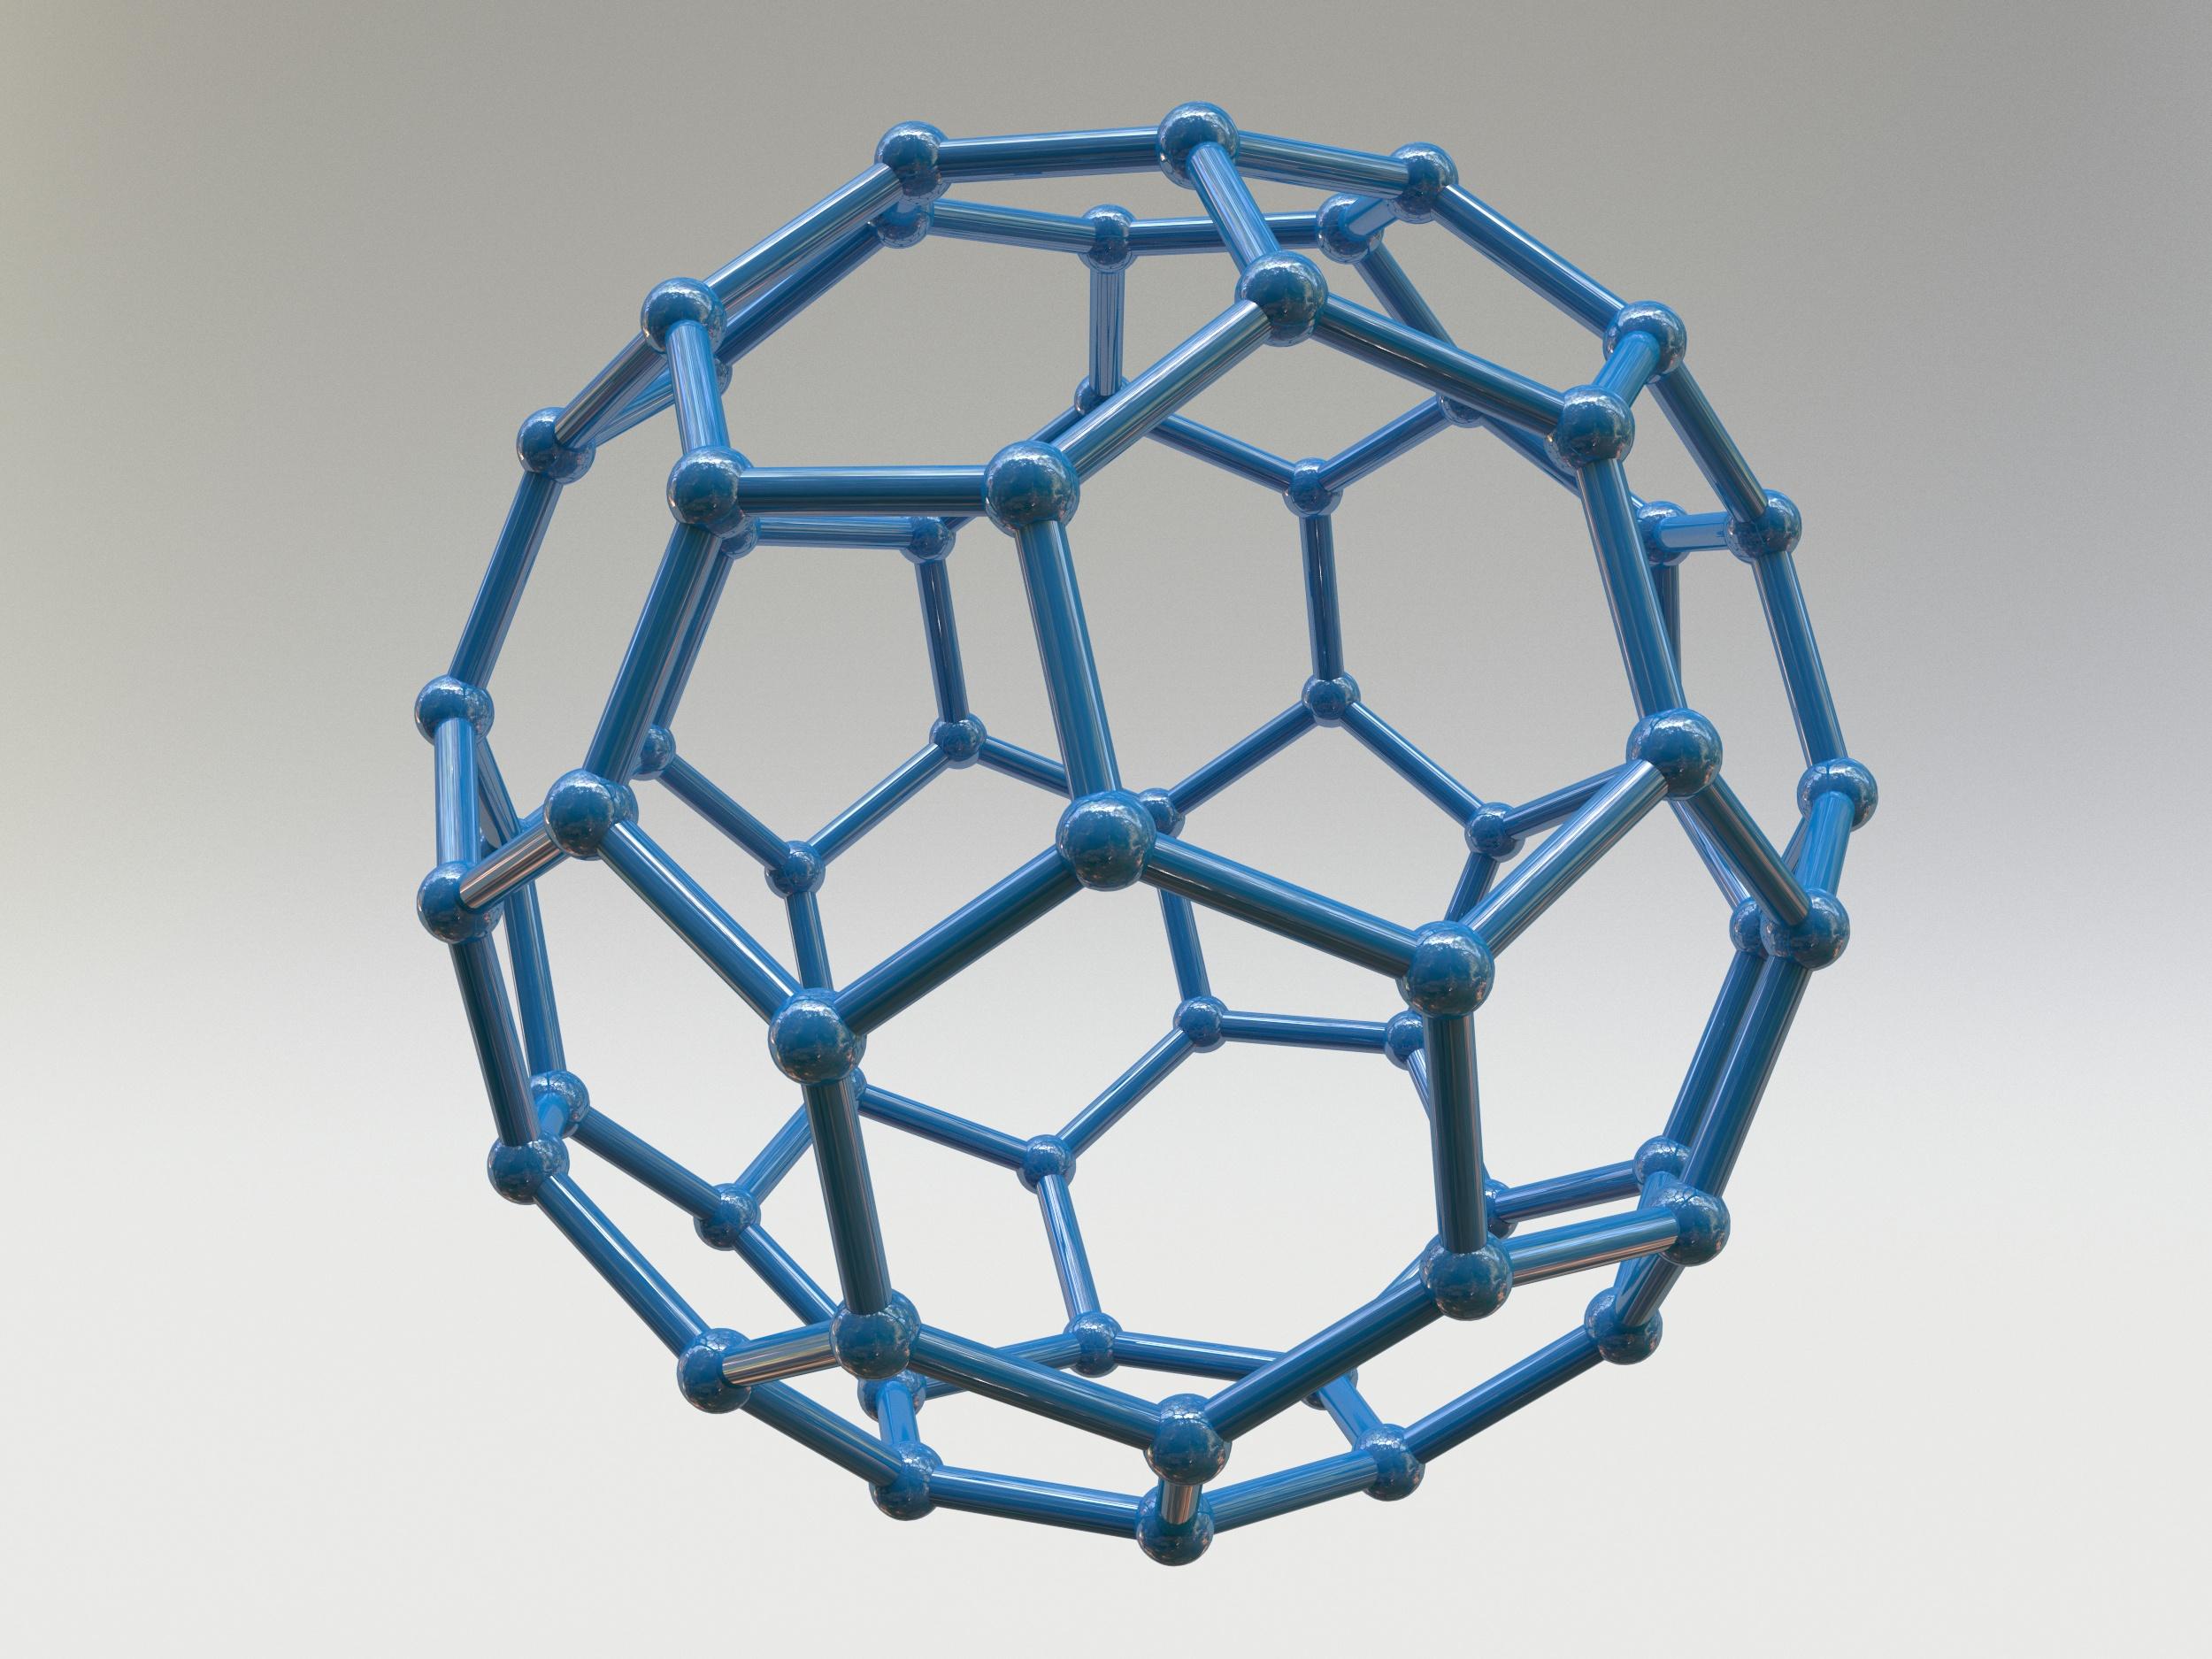 fullerene C60